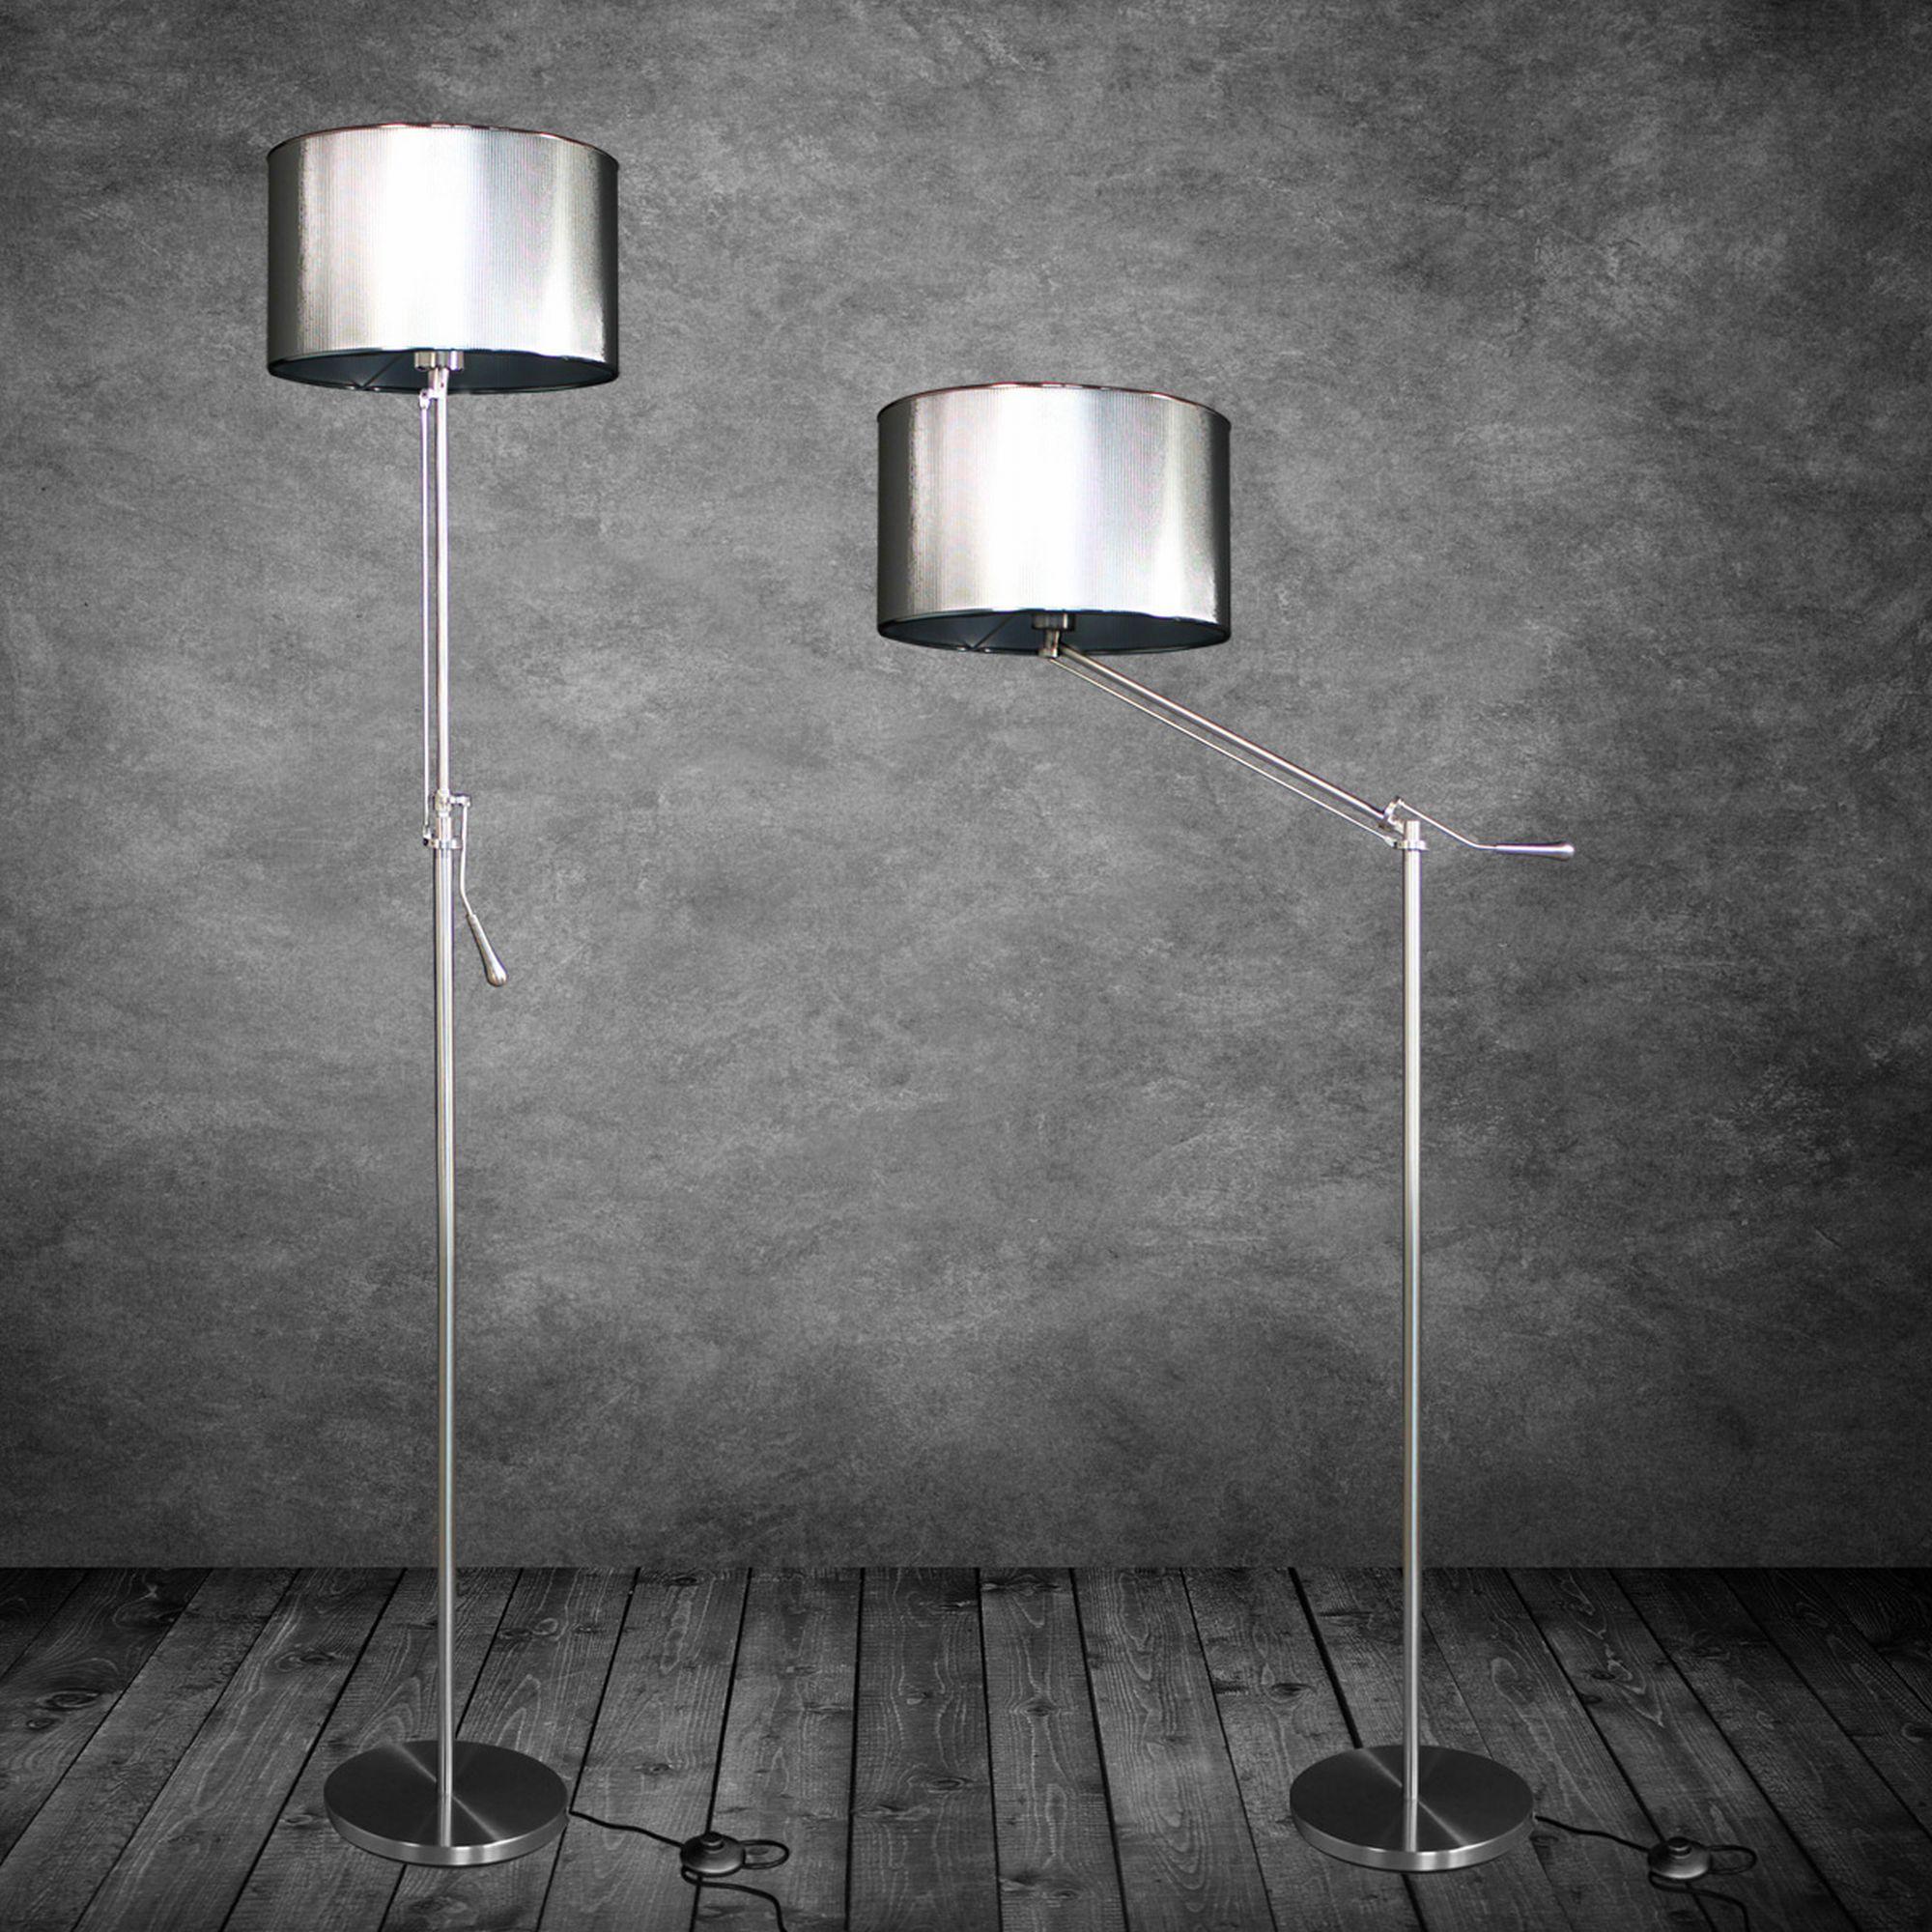 Design stehleuchte stehlampe wohnzimmer lampe leuchte standleuchte ebay - Stehleuchte wohnzimmer ...